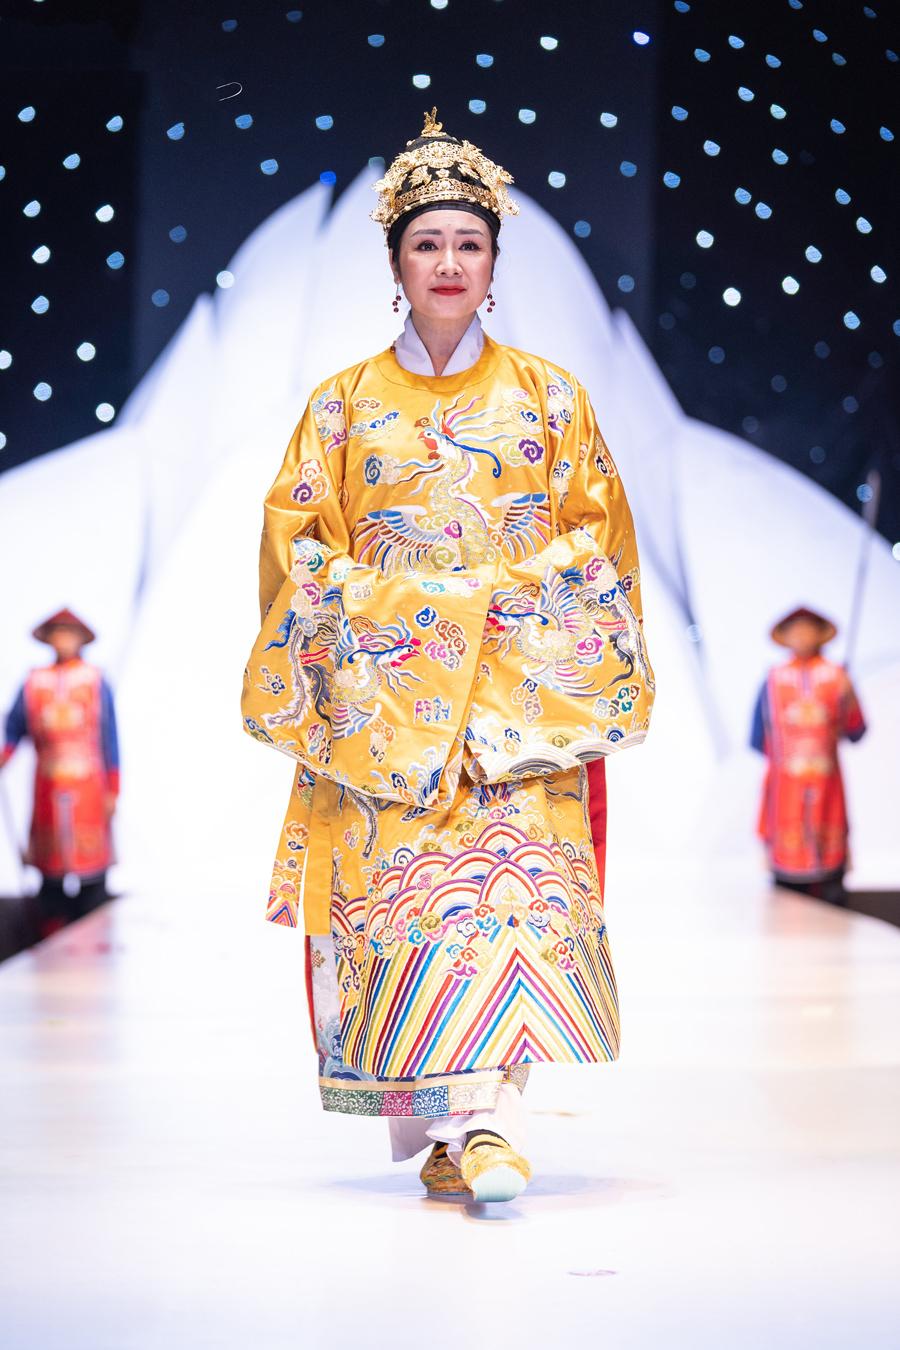 NSND Thu Hà,NSND Hoàng Cúc,NSND Lan Hương,NSƯT Chiều Xuân